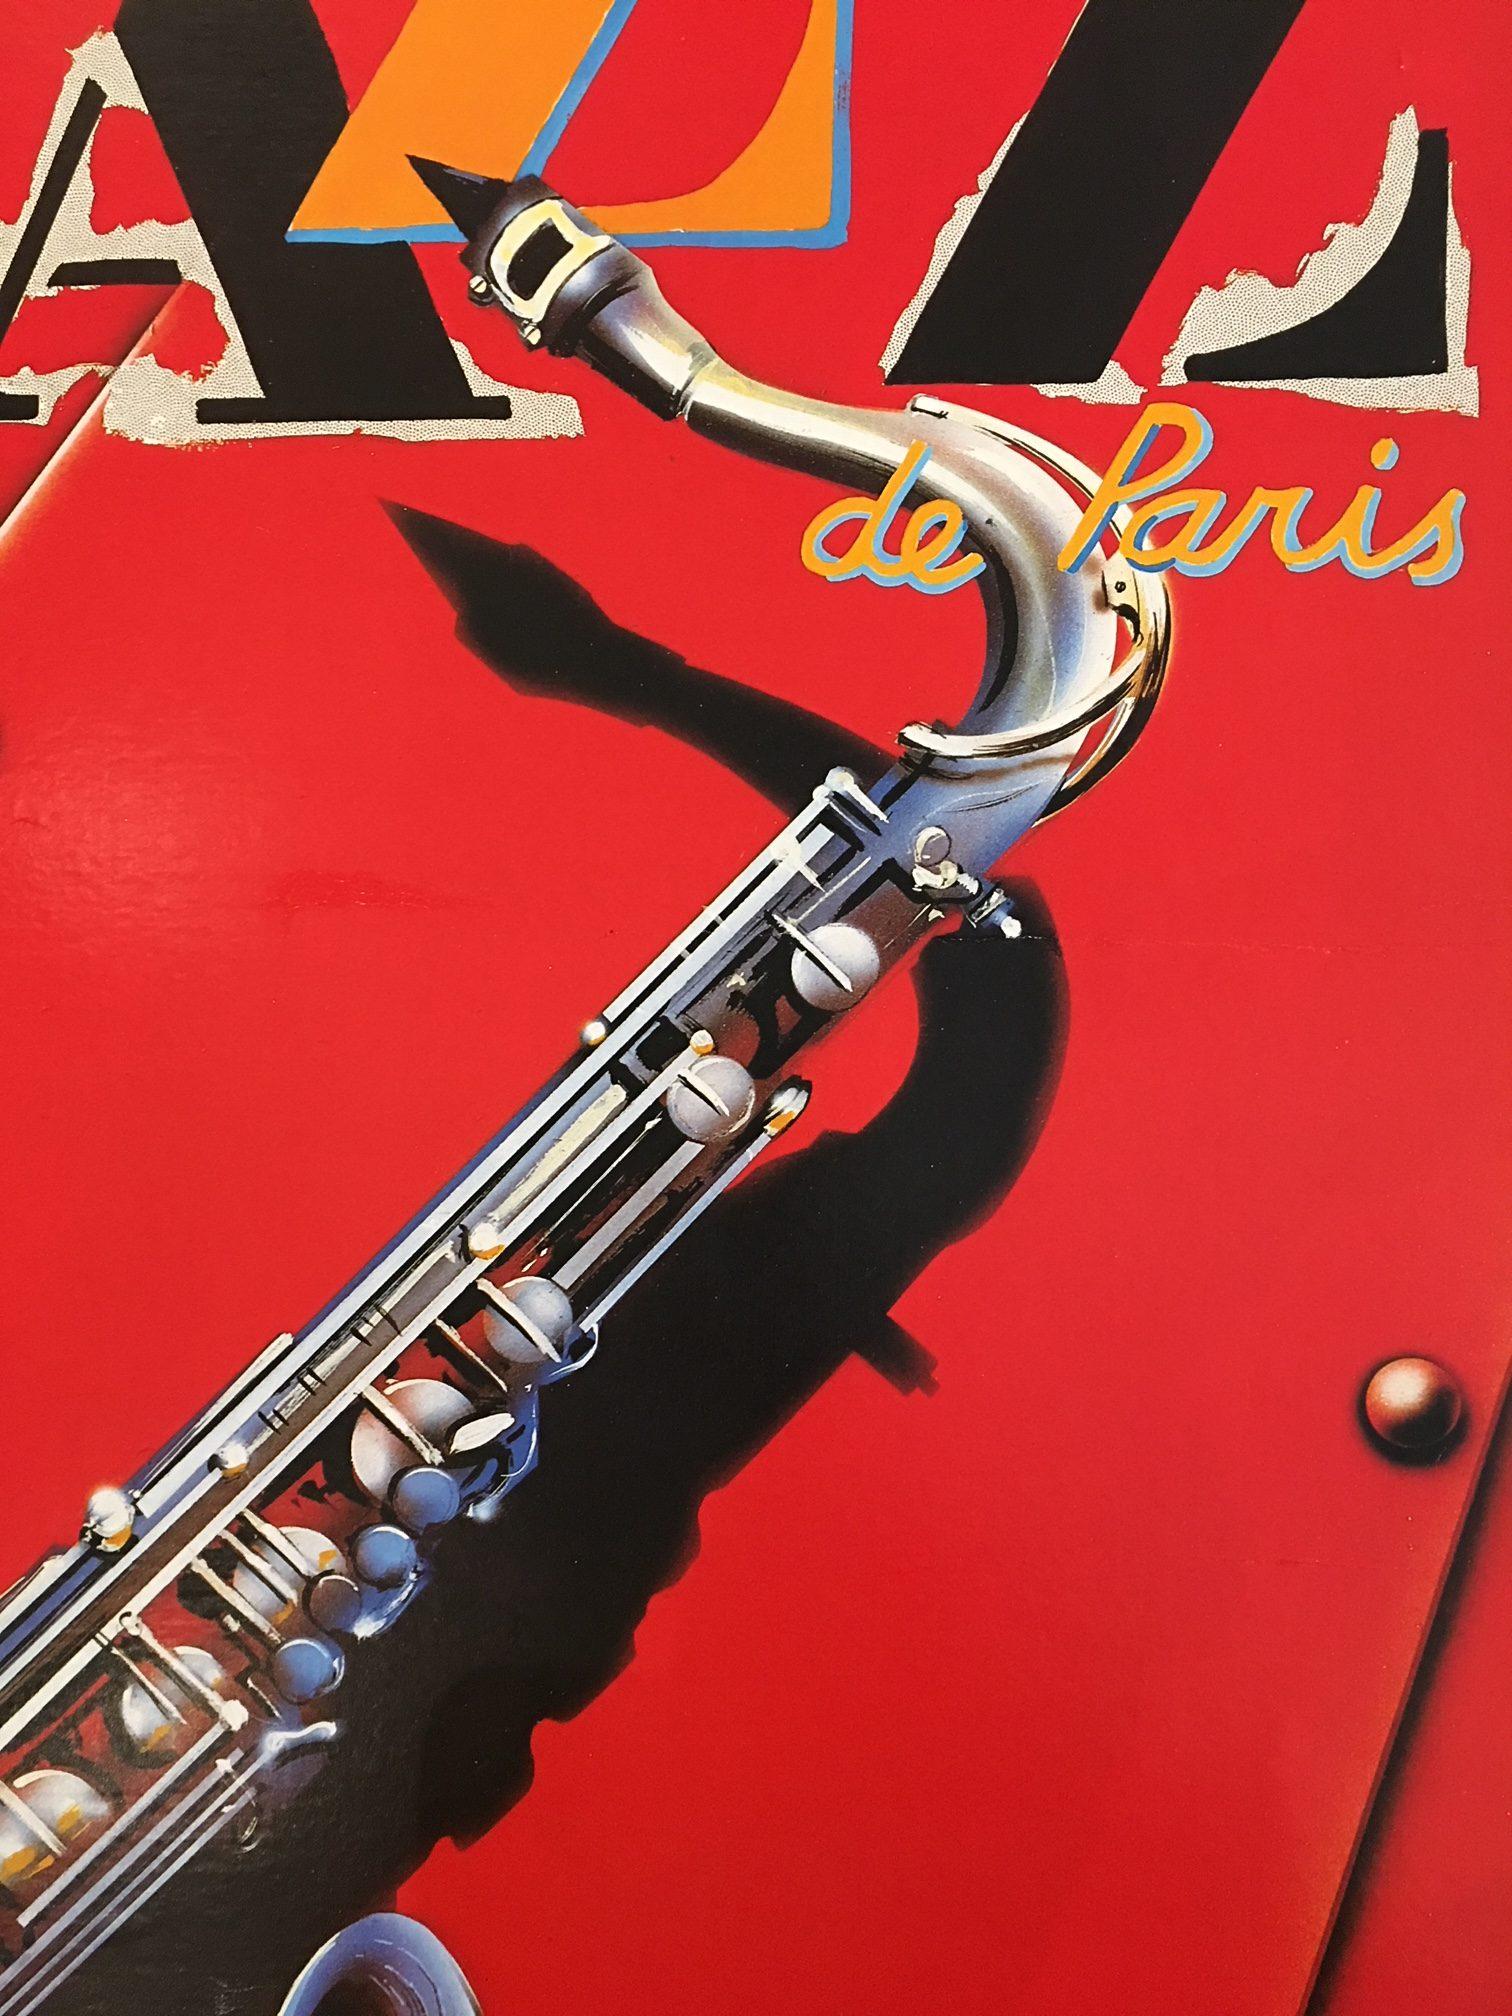 Festival de Jazz de Paris 1988 Original Vintage Poster